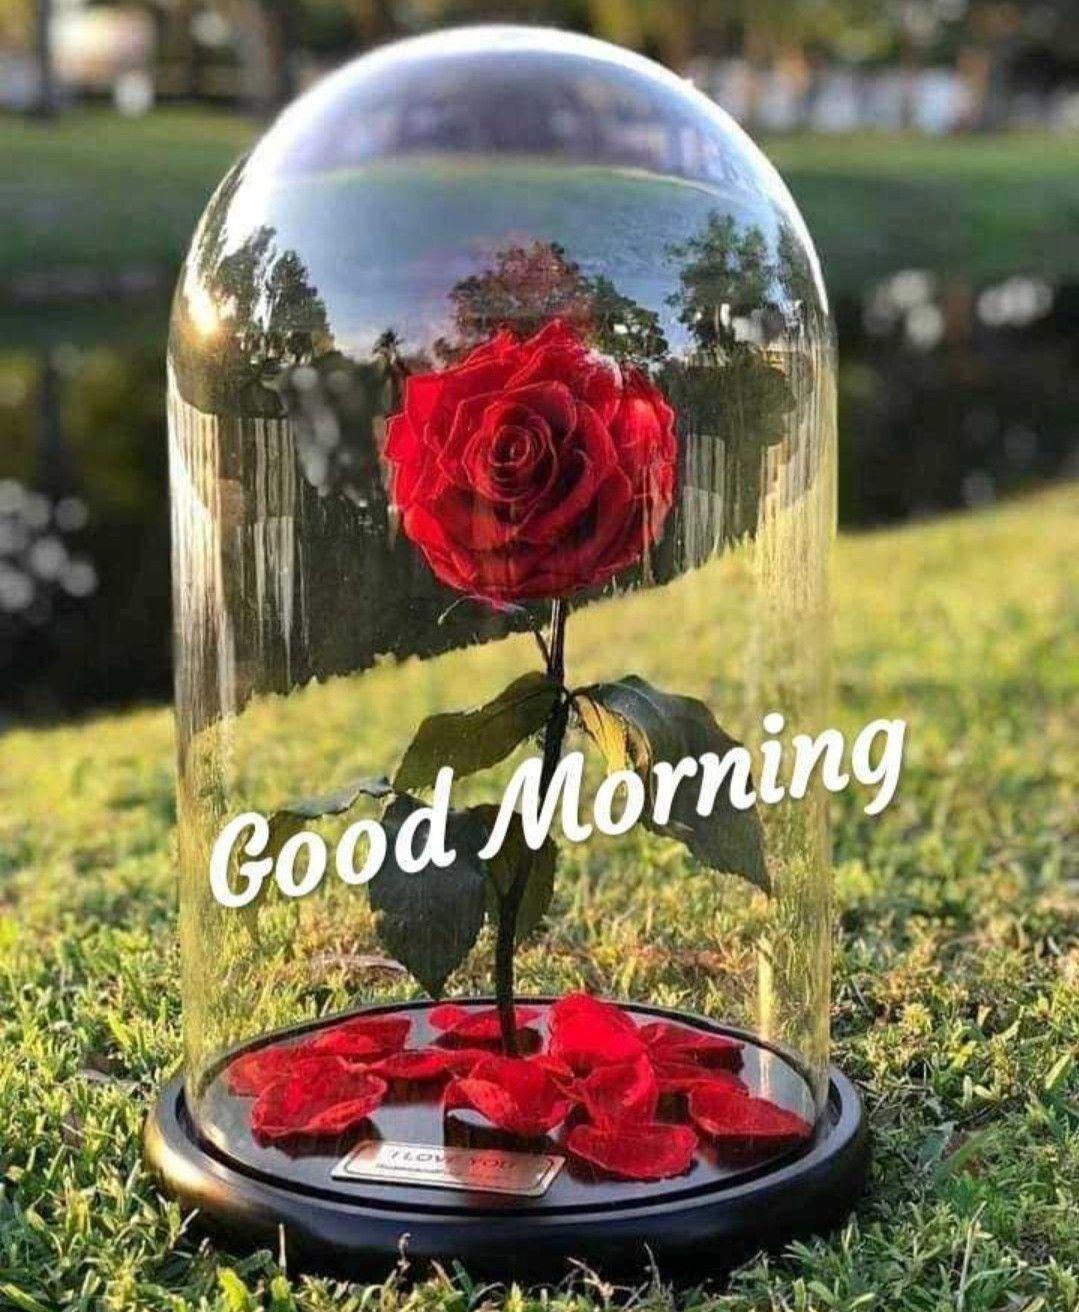 Pin By Aditi Kumari On Good Morning Good Morning Flowers Flower Magic Morning Greeting